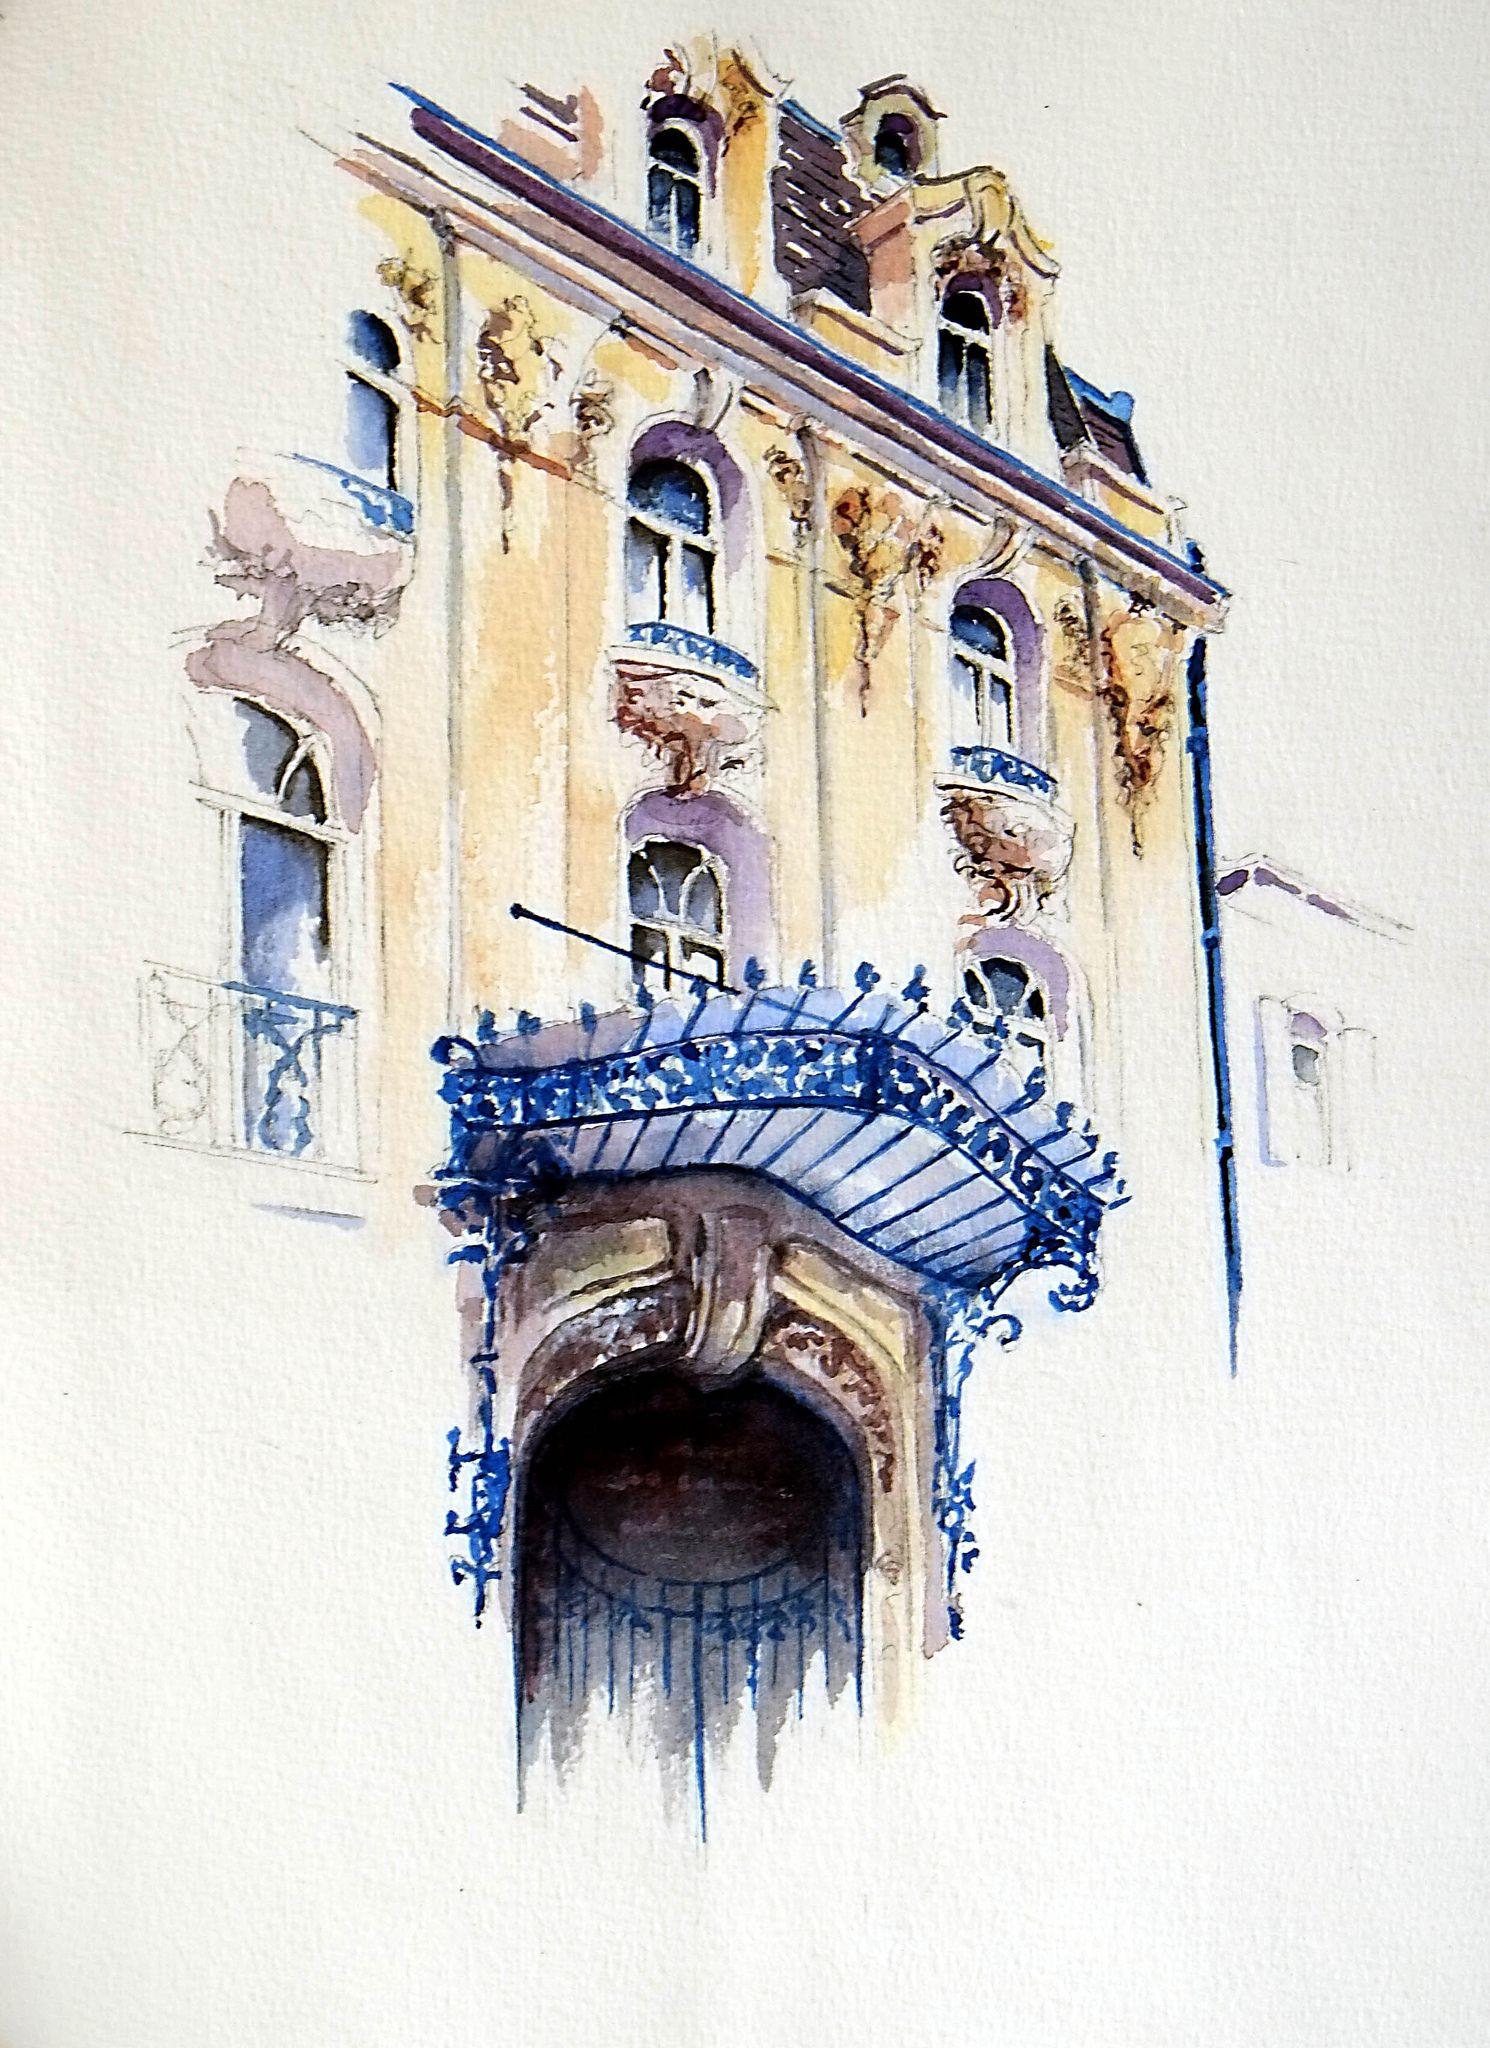 359 Chambre De Commerce Et D Industrie De Meuthe Et Moselle Nancy France Arches Paper Abstract Artwork Artwork